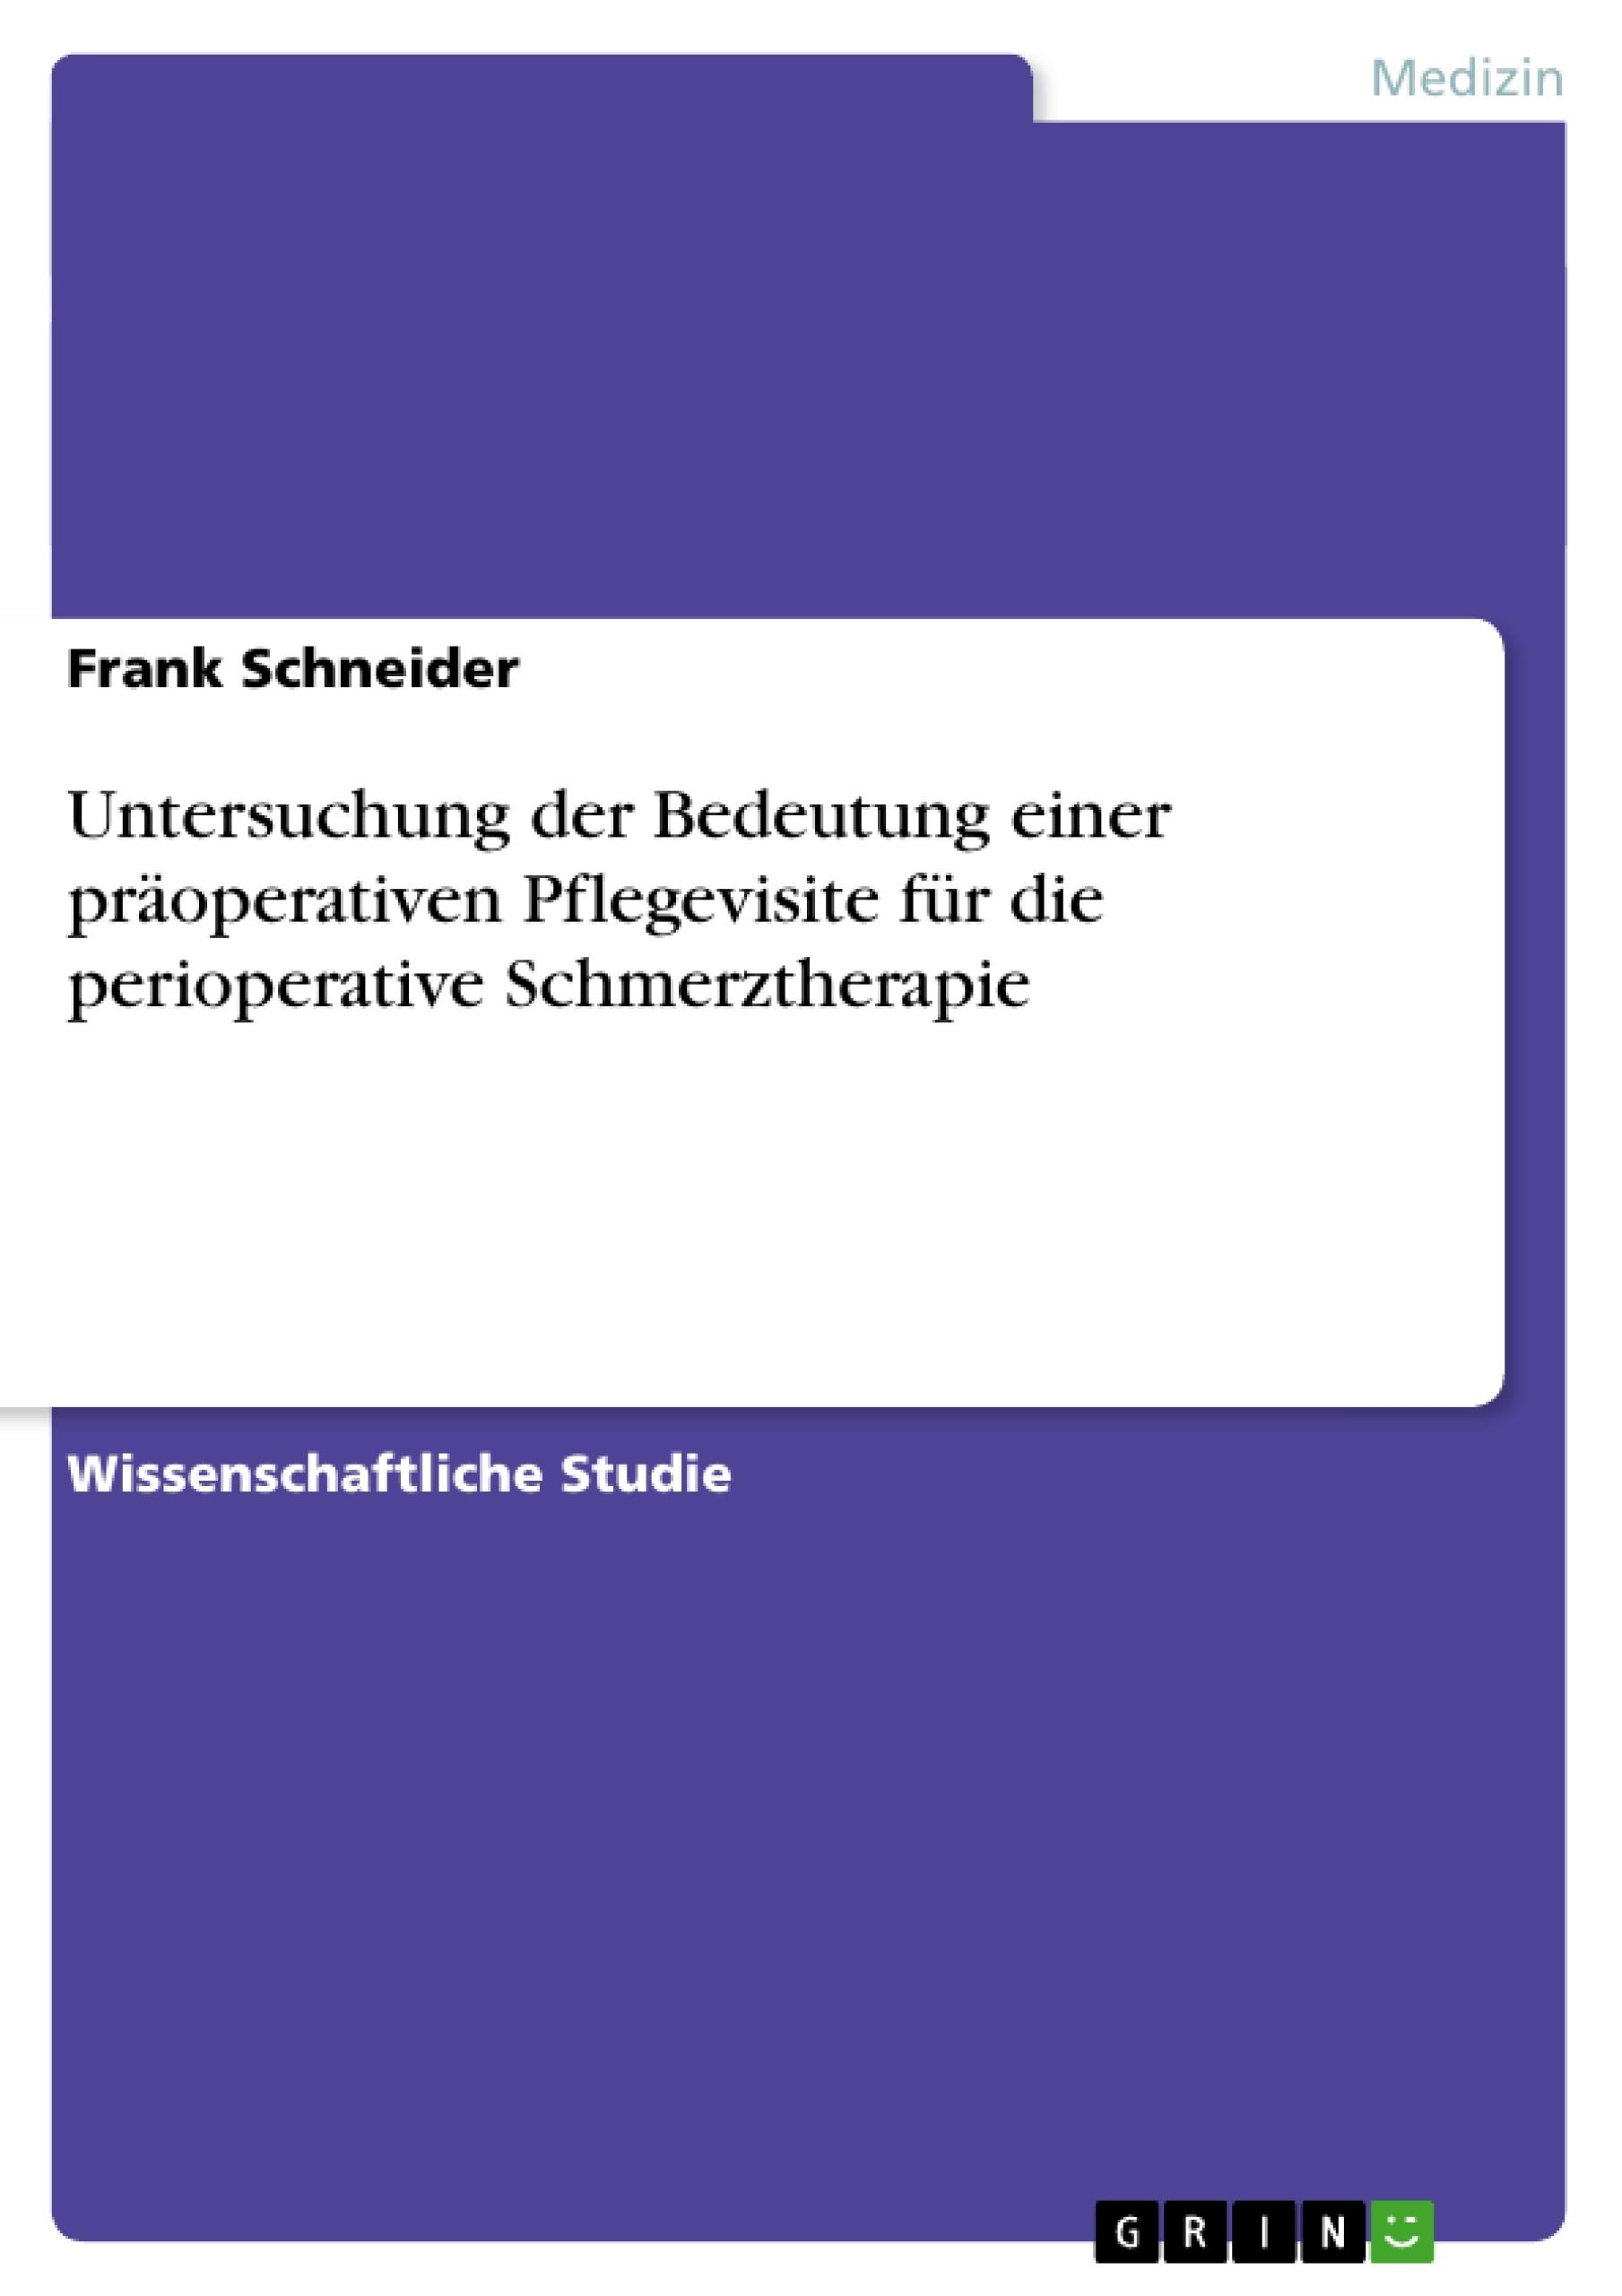 Titel: Untersuchung der Bedeutung einer präoperativen Pflegevisite für die perioperative Schmerztherapie